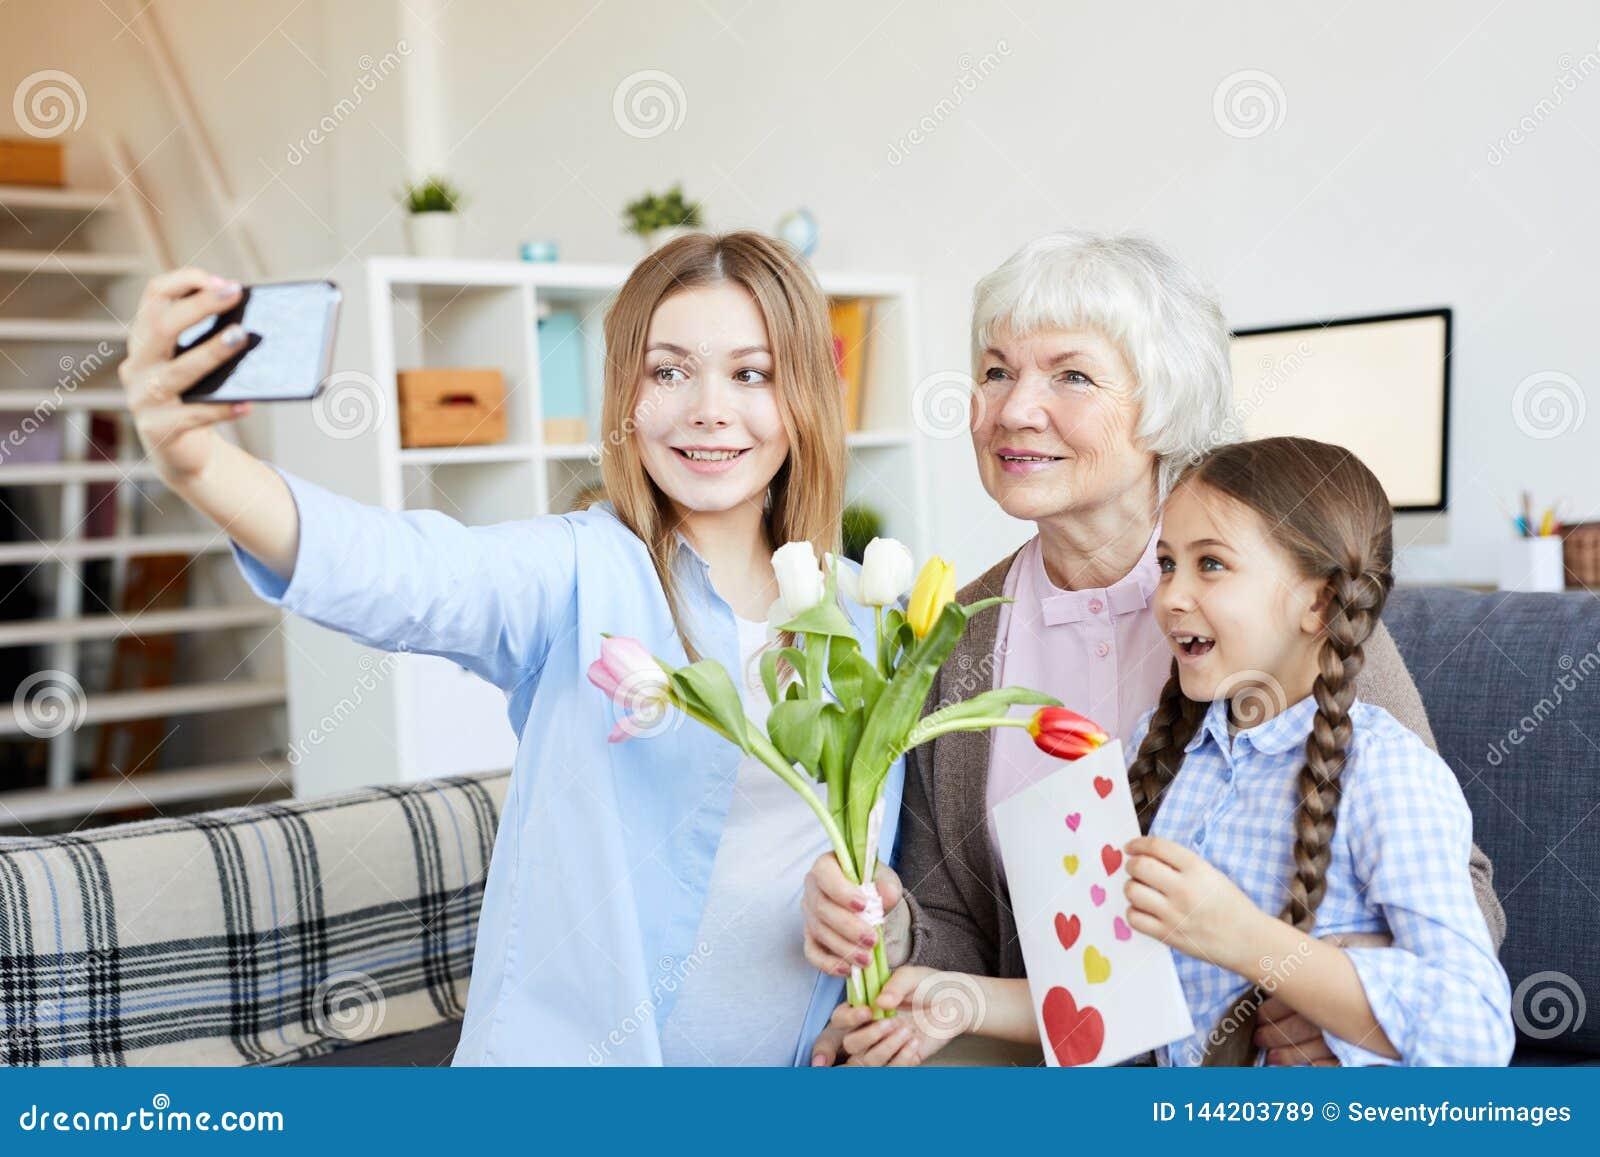 Γυναίκες στην οικογένεια που παίρνει Selfie